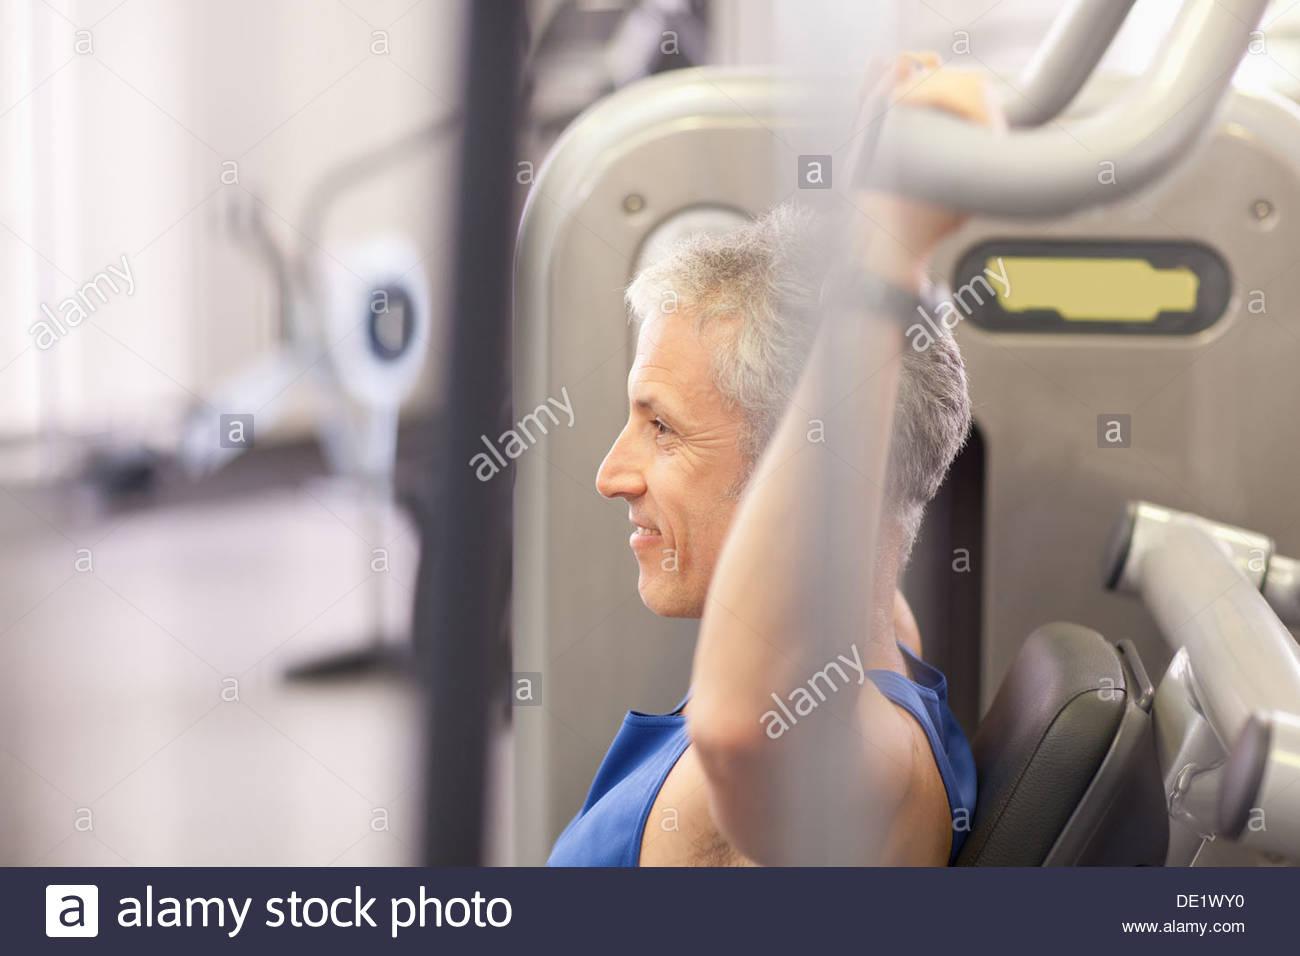 Retrato del hombre sonriente con máquina de ejercicio en el gimnasio Imagen De Stock